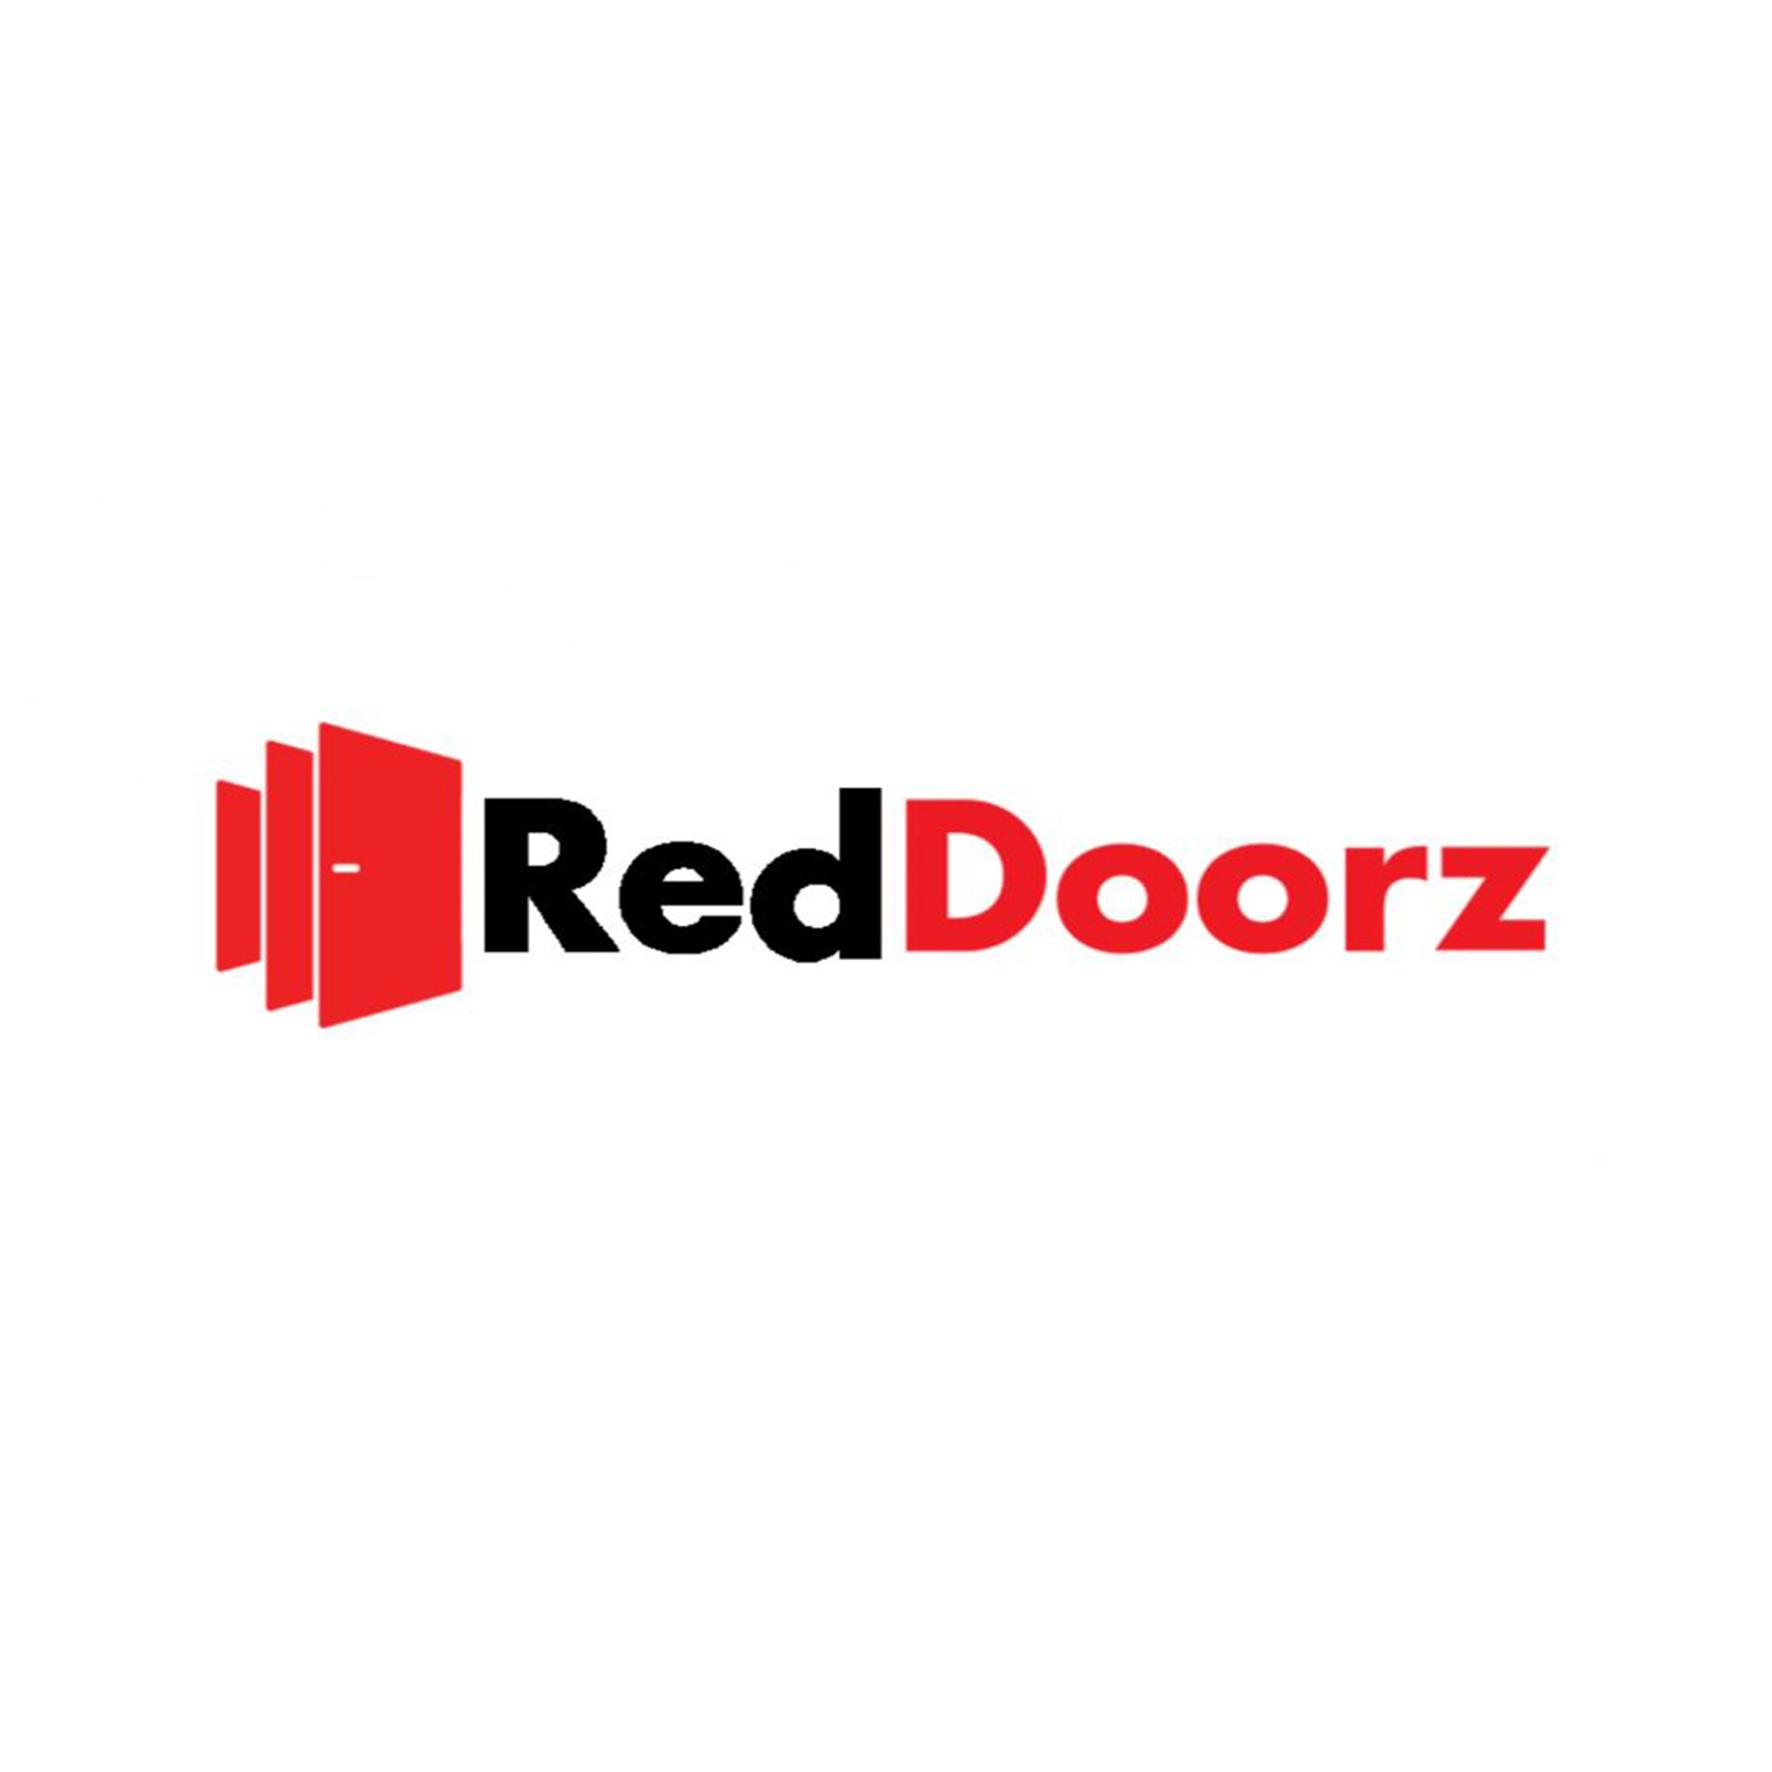 reddoors